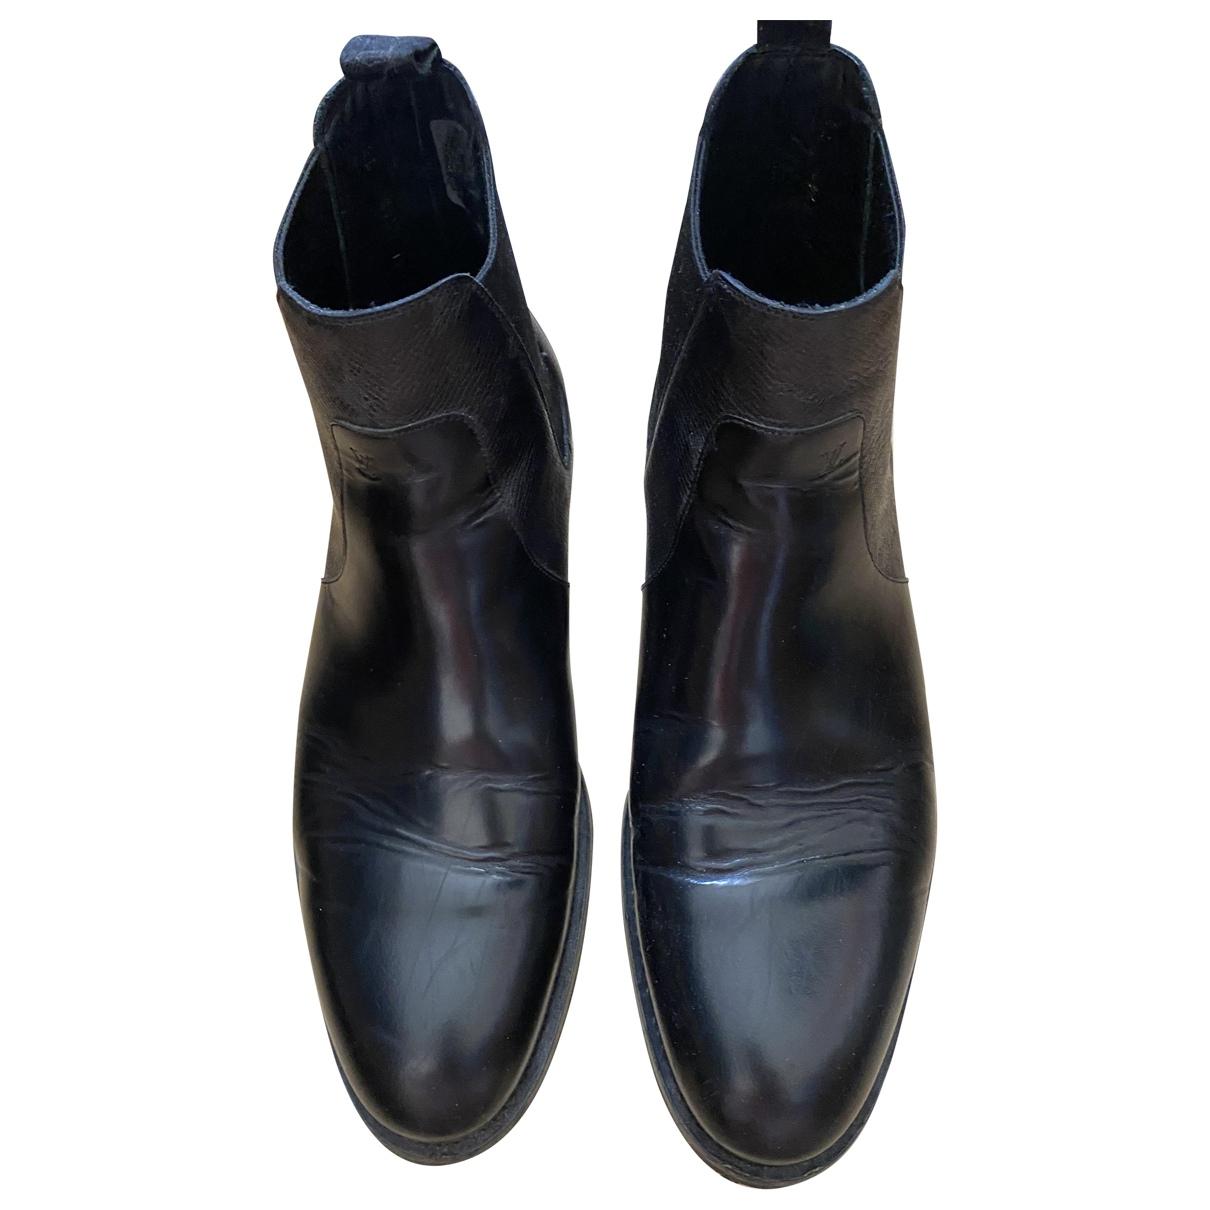 Louis Vuitton - Bottes.Boots   pour homme en cuir - noir